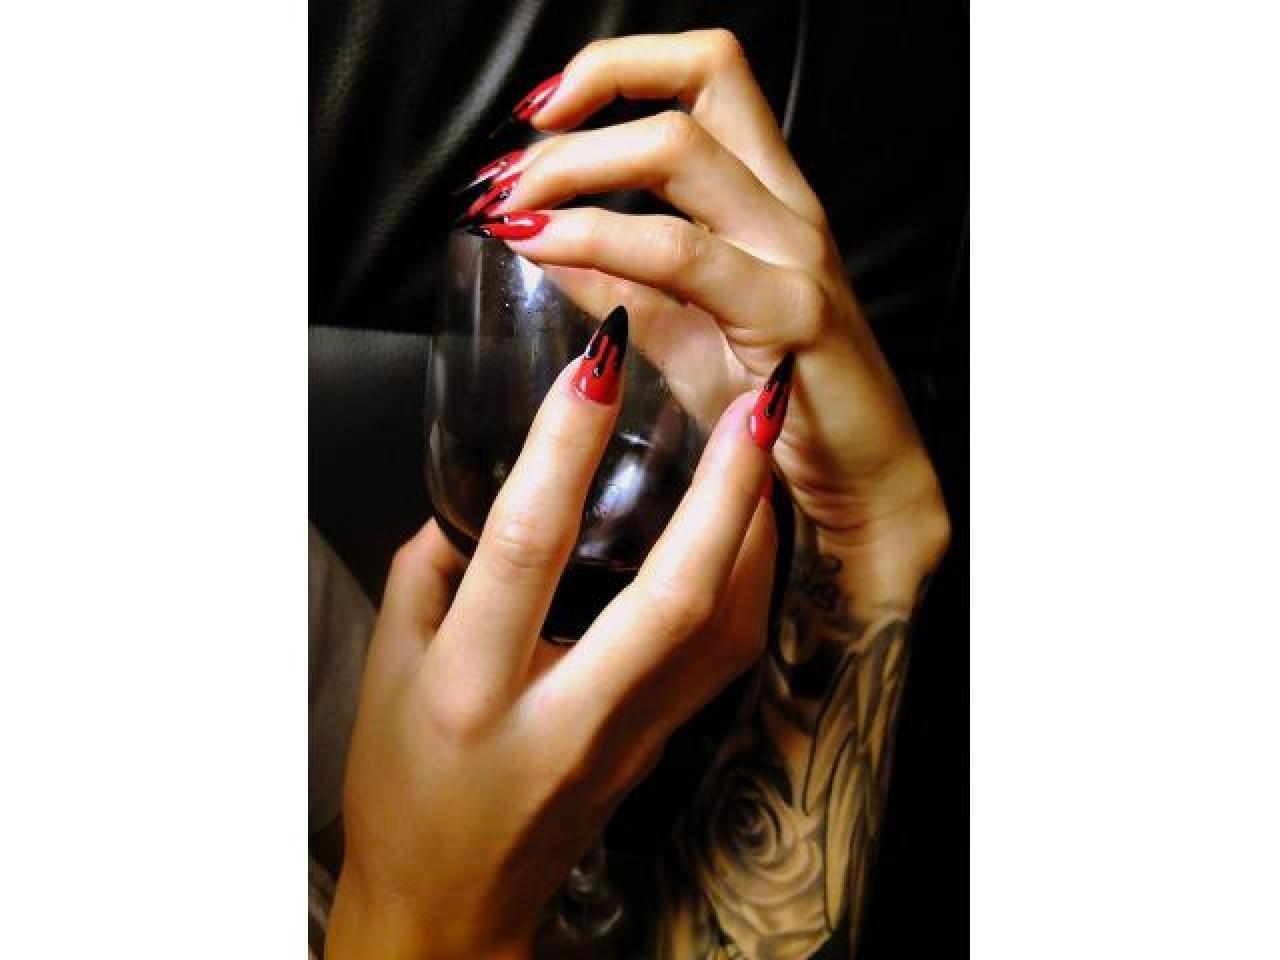 Представляю услуги ногтевого сервиса. - 2